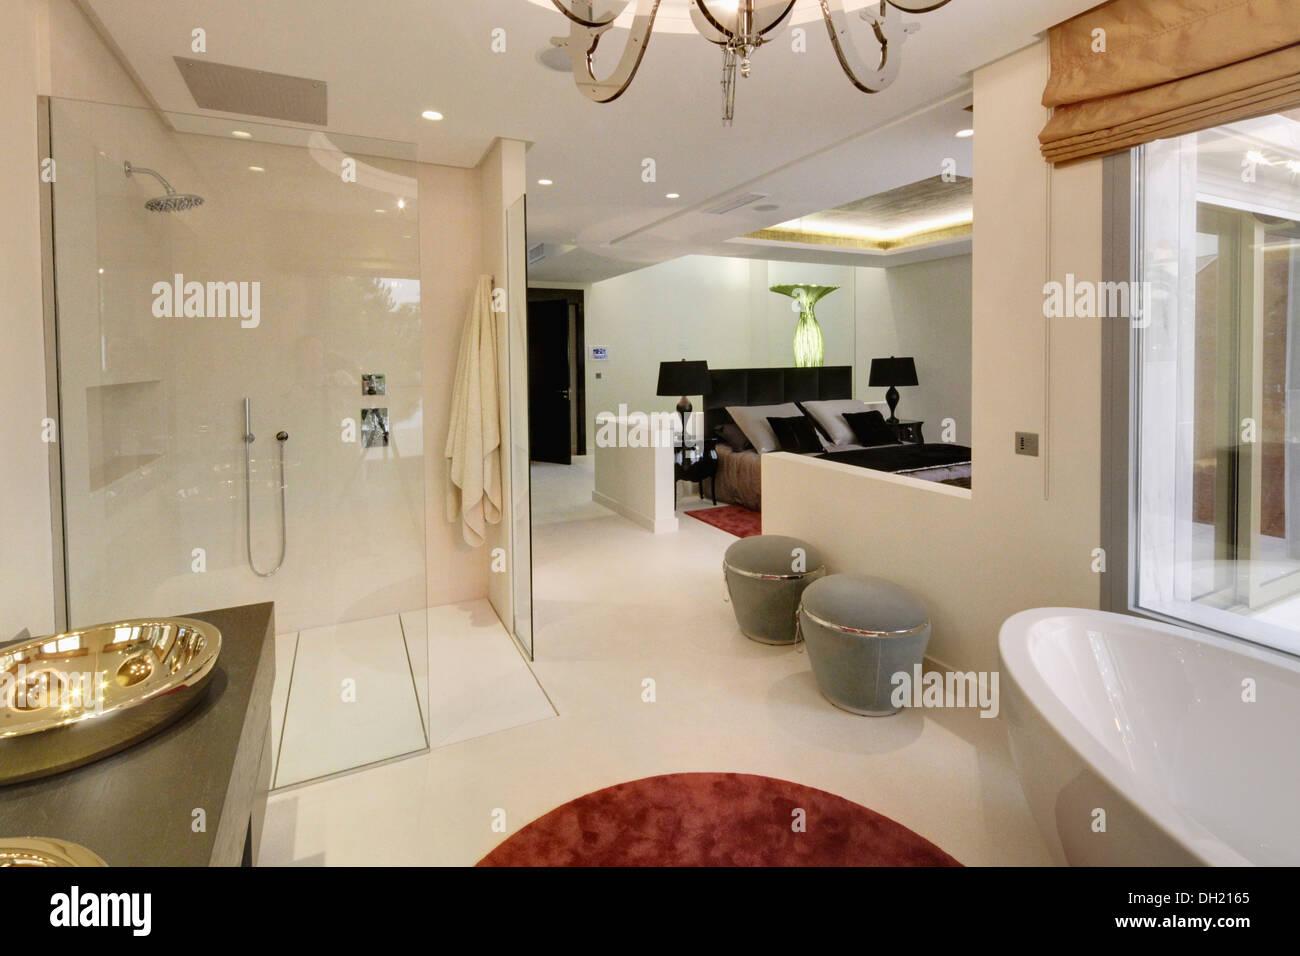 En Suite Badezimmer | Grosser Begehbarer Dusche Und Graue Stuhle In Offene En Suite